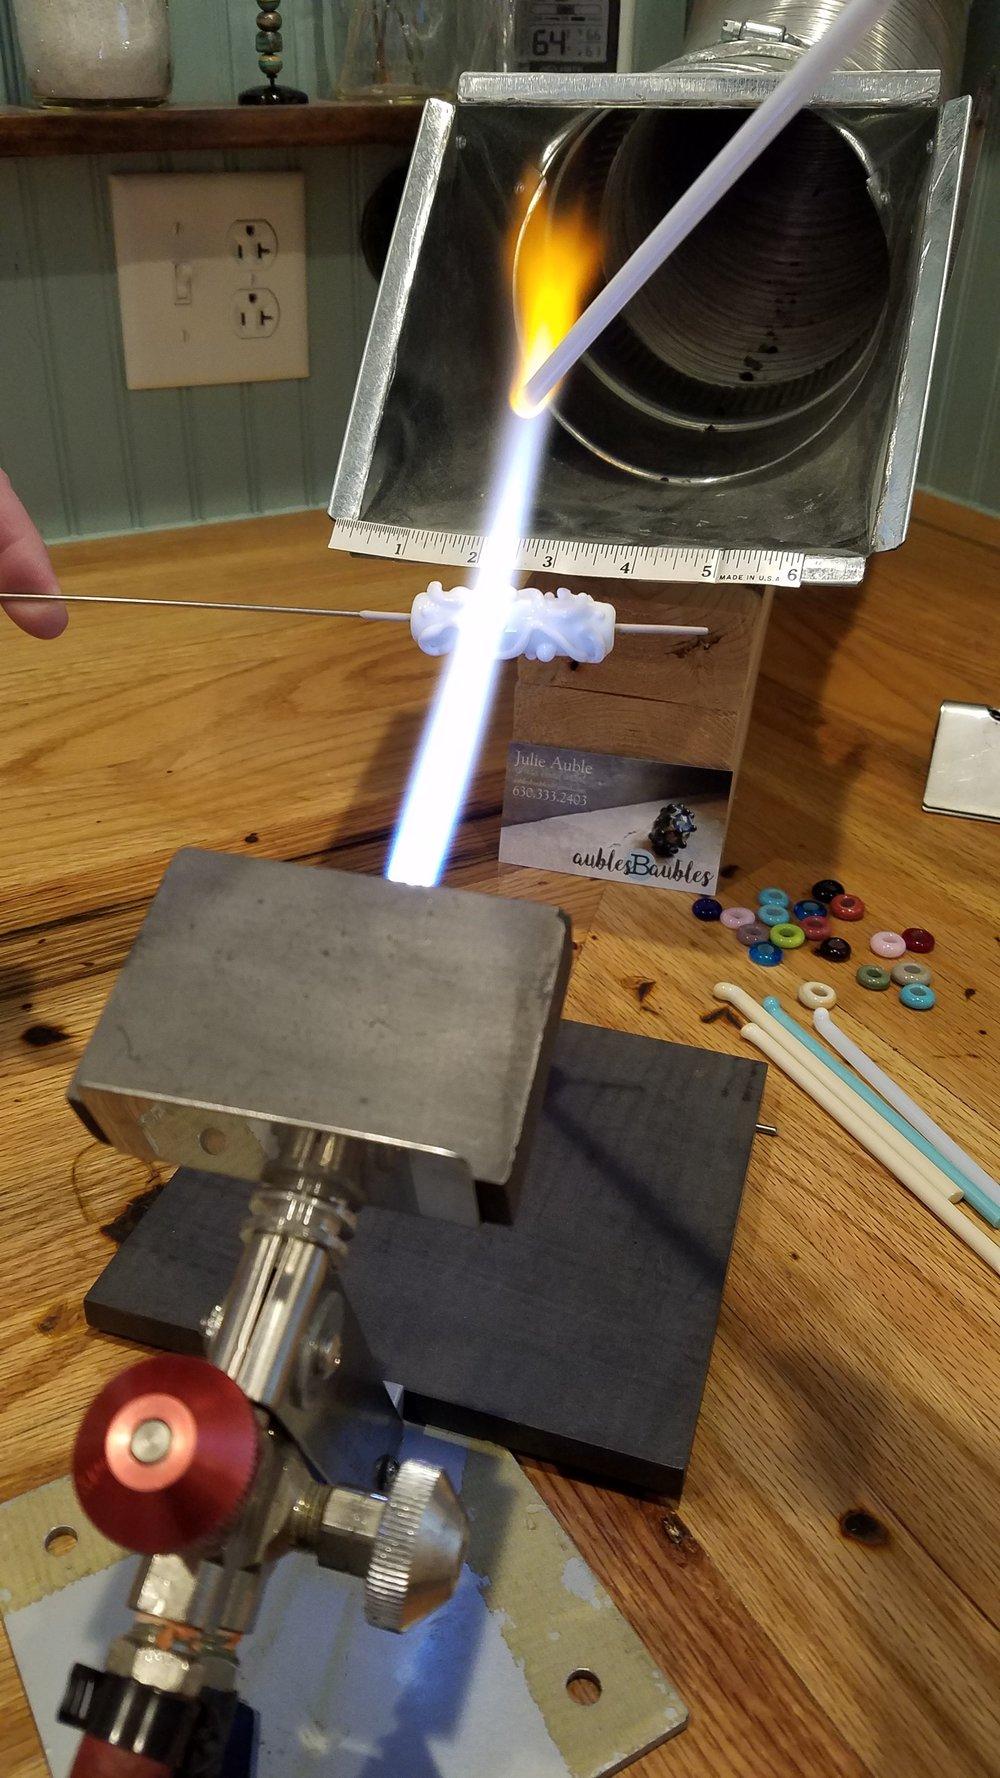 aublesbaubles torch.jpg